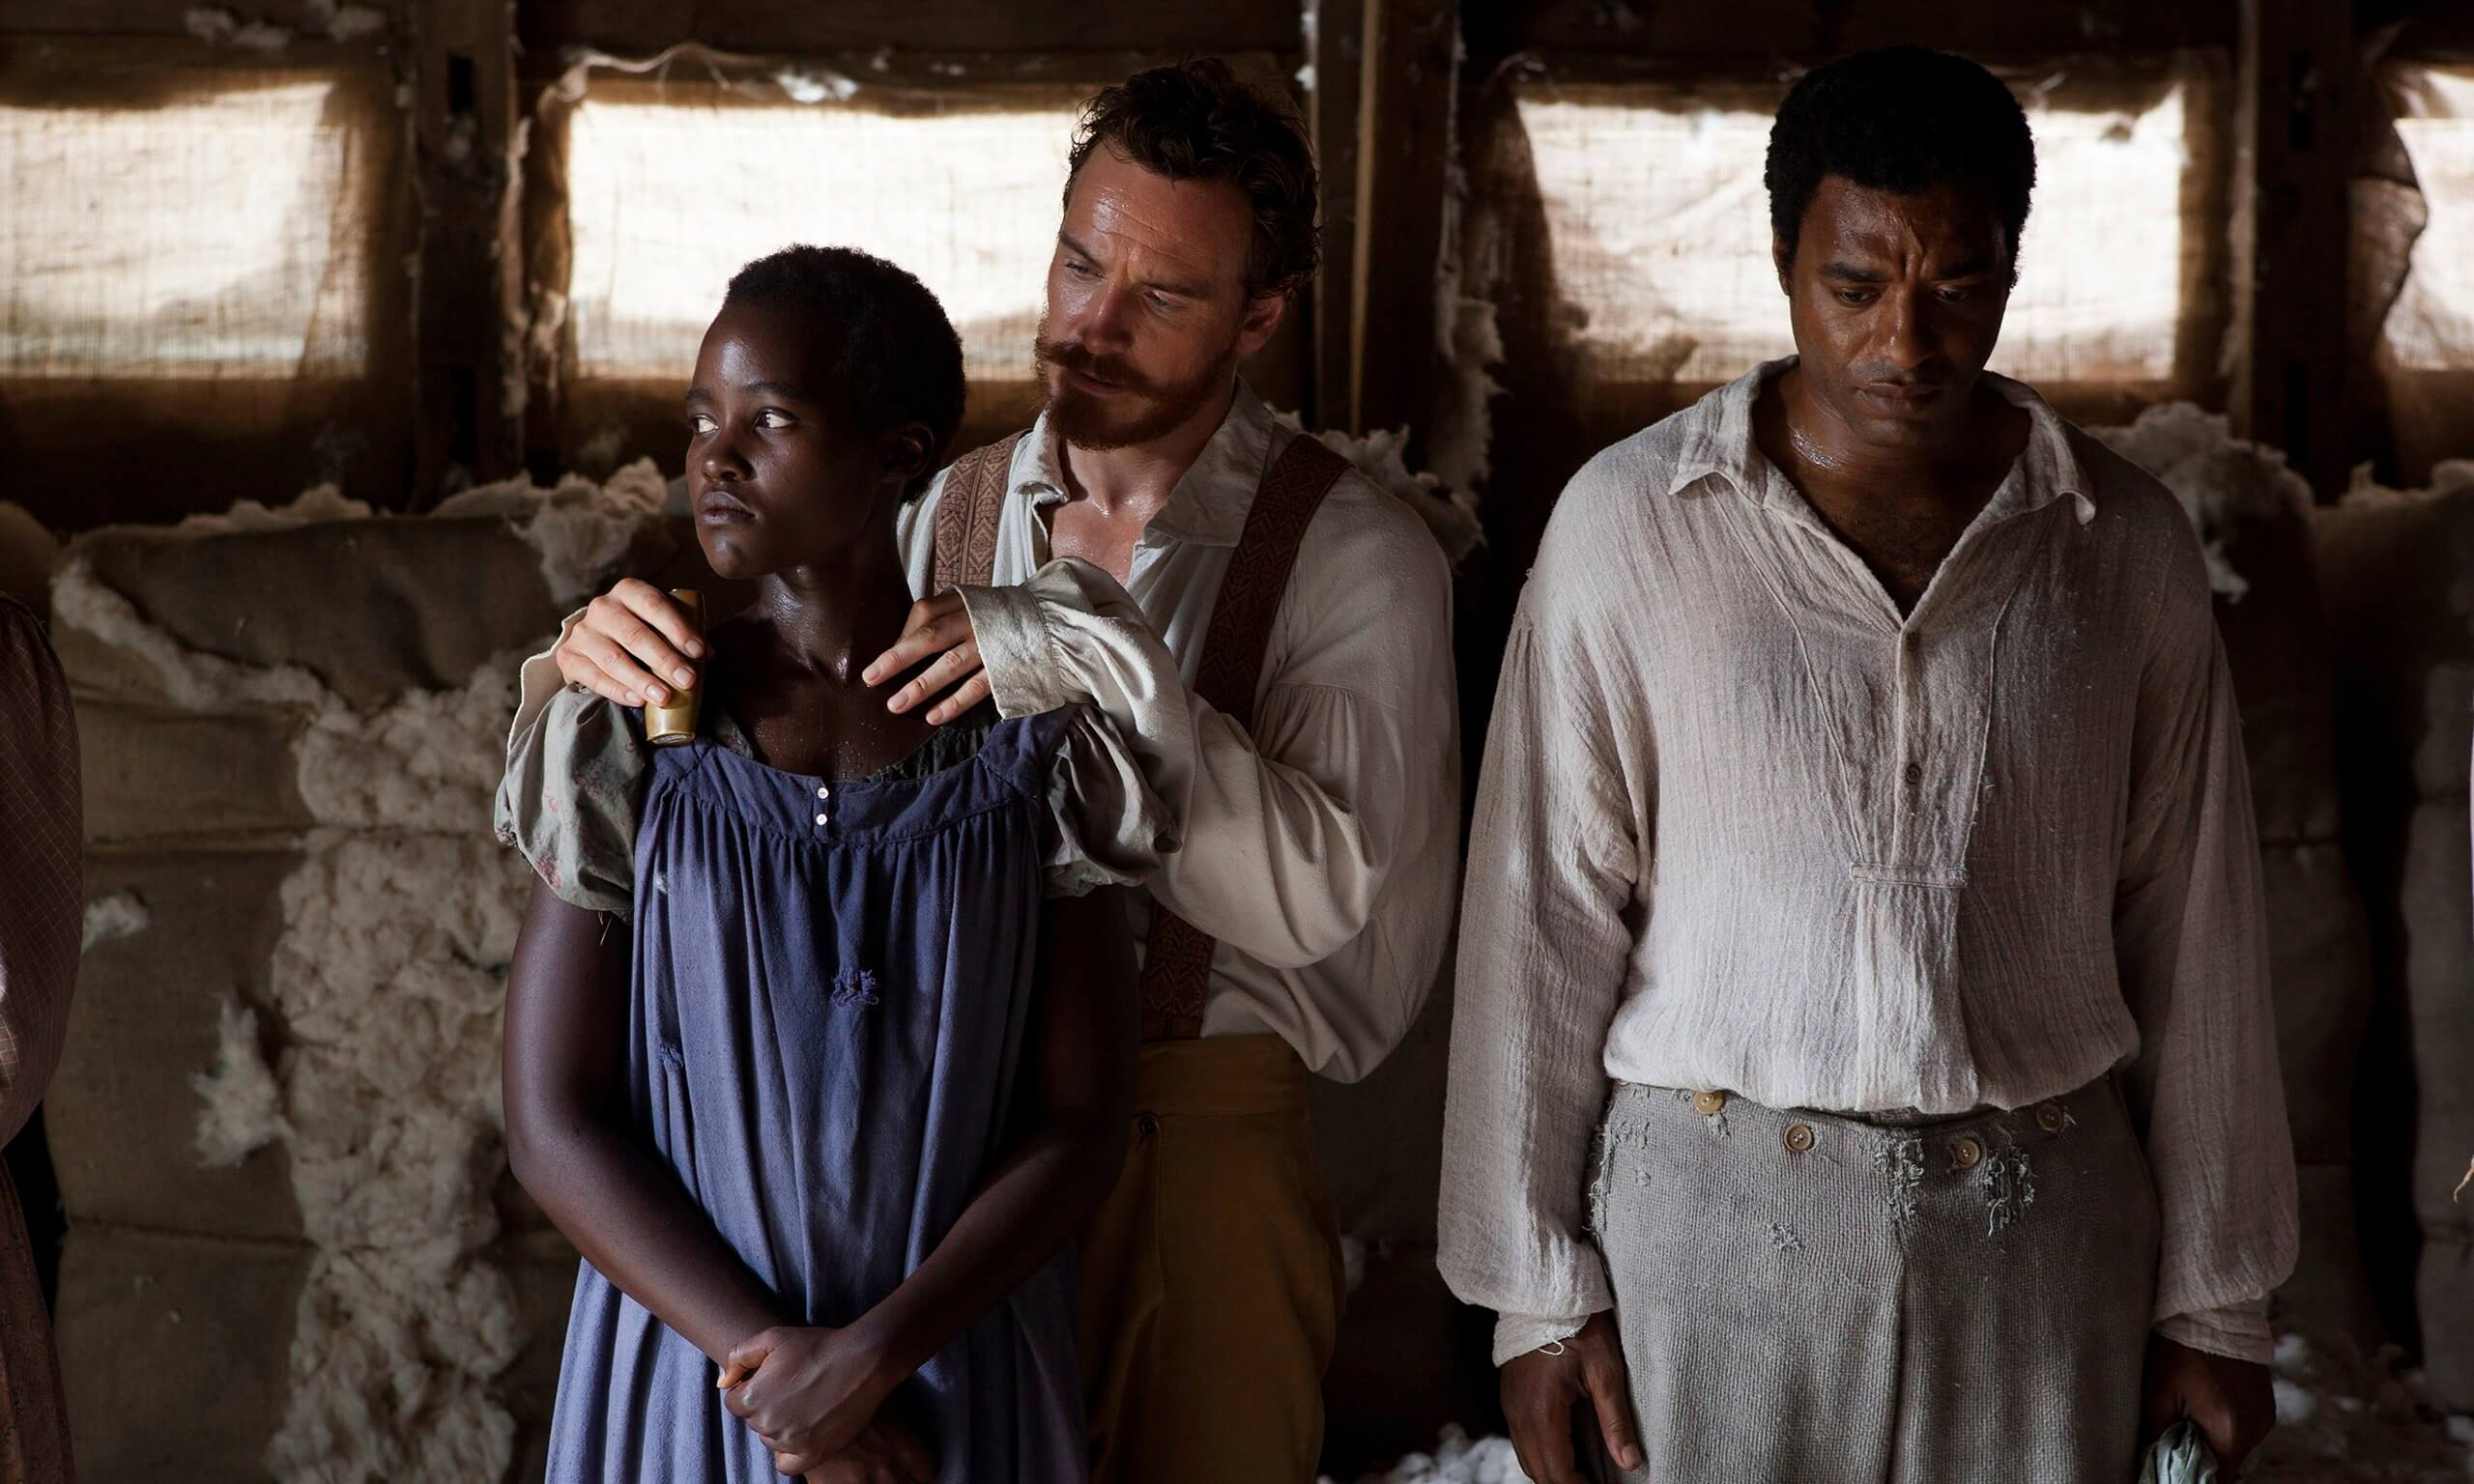 露琵塔尼詠歐在《自由之心》中飾演了奴隸「派西」。